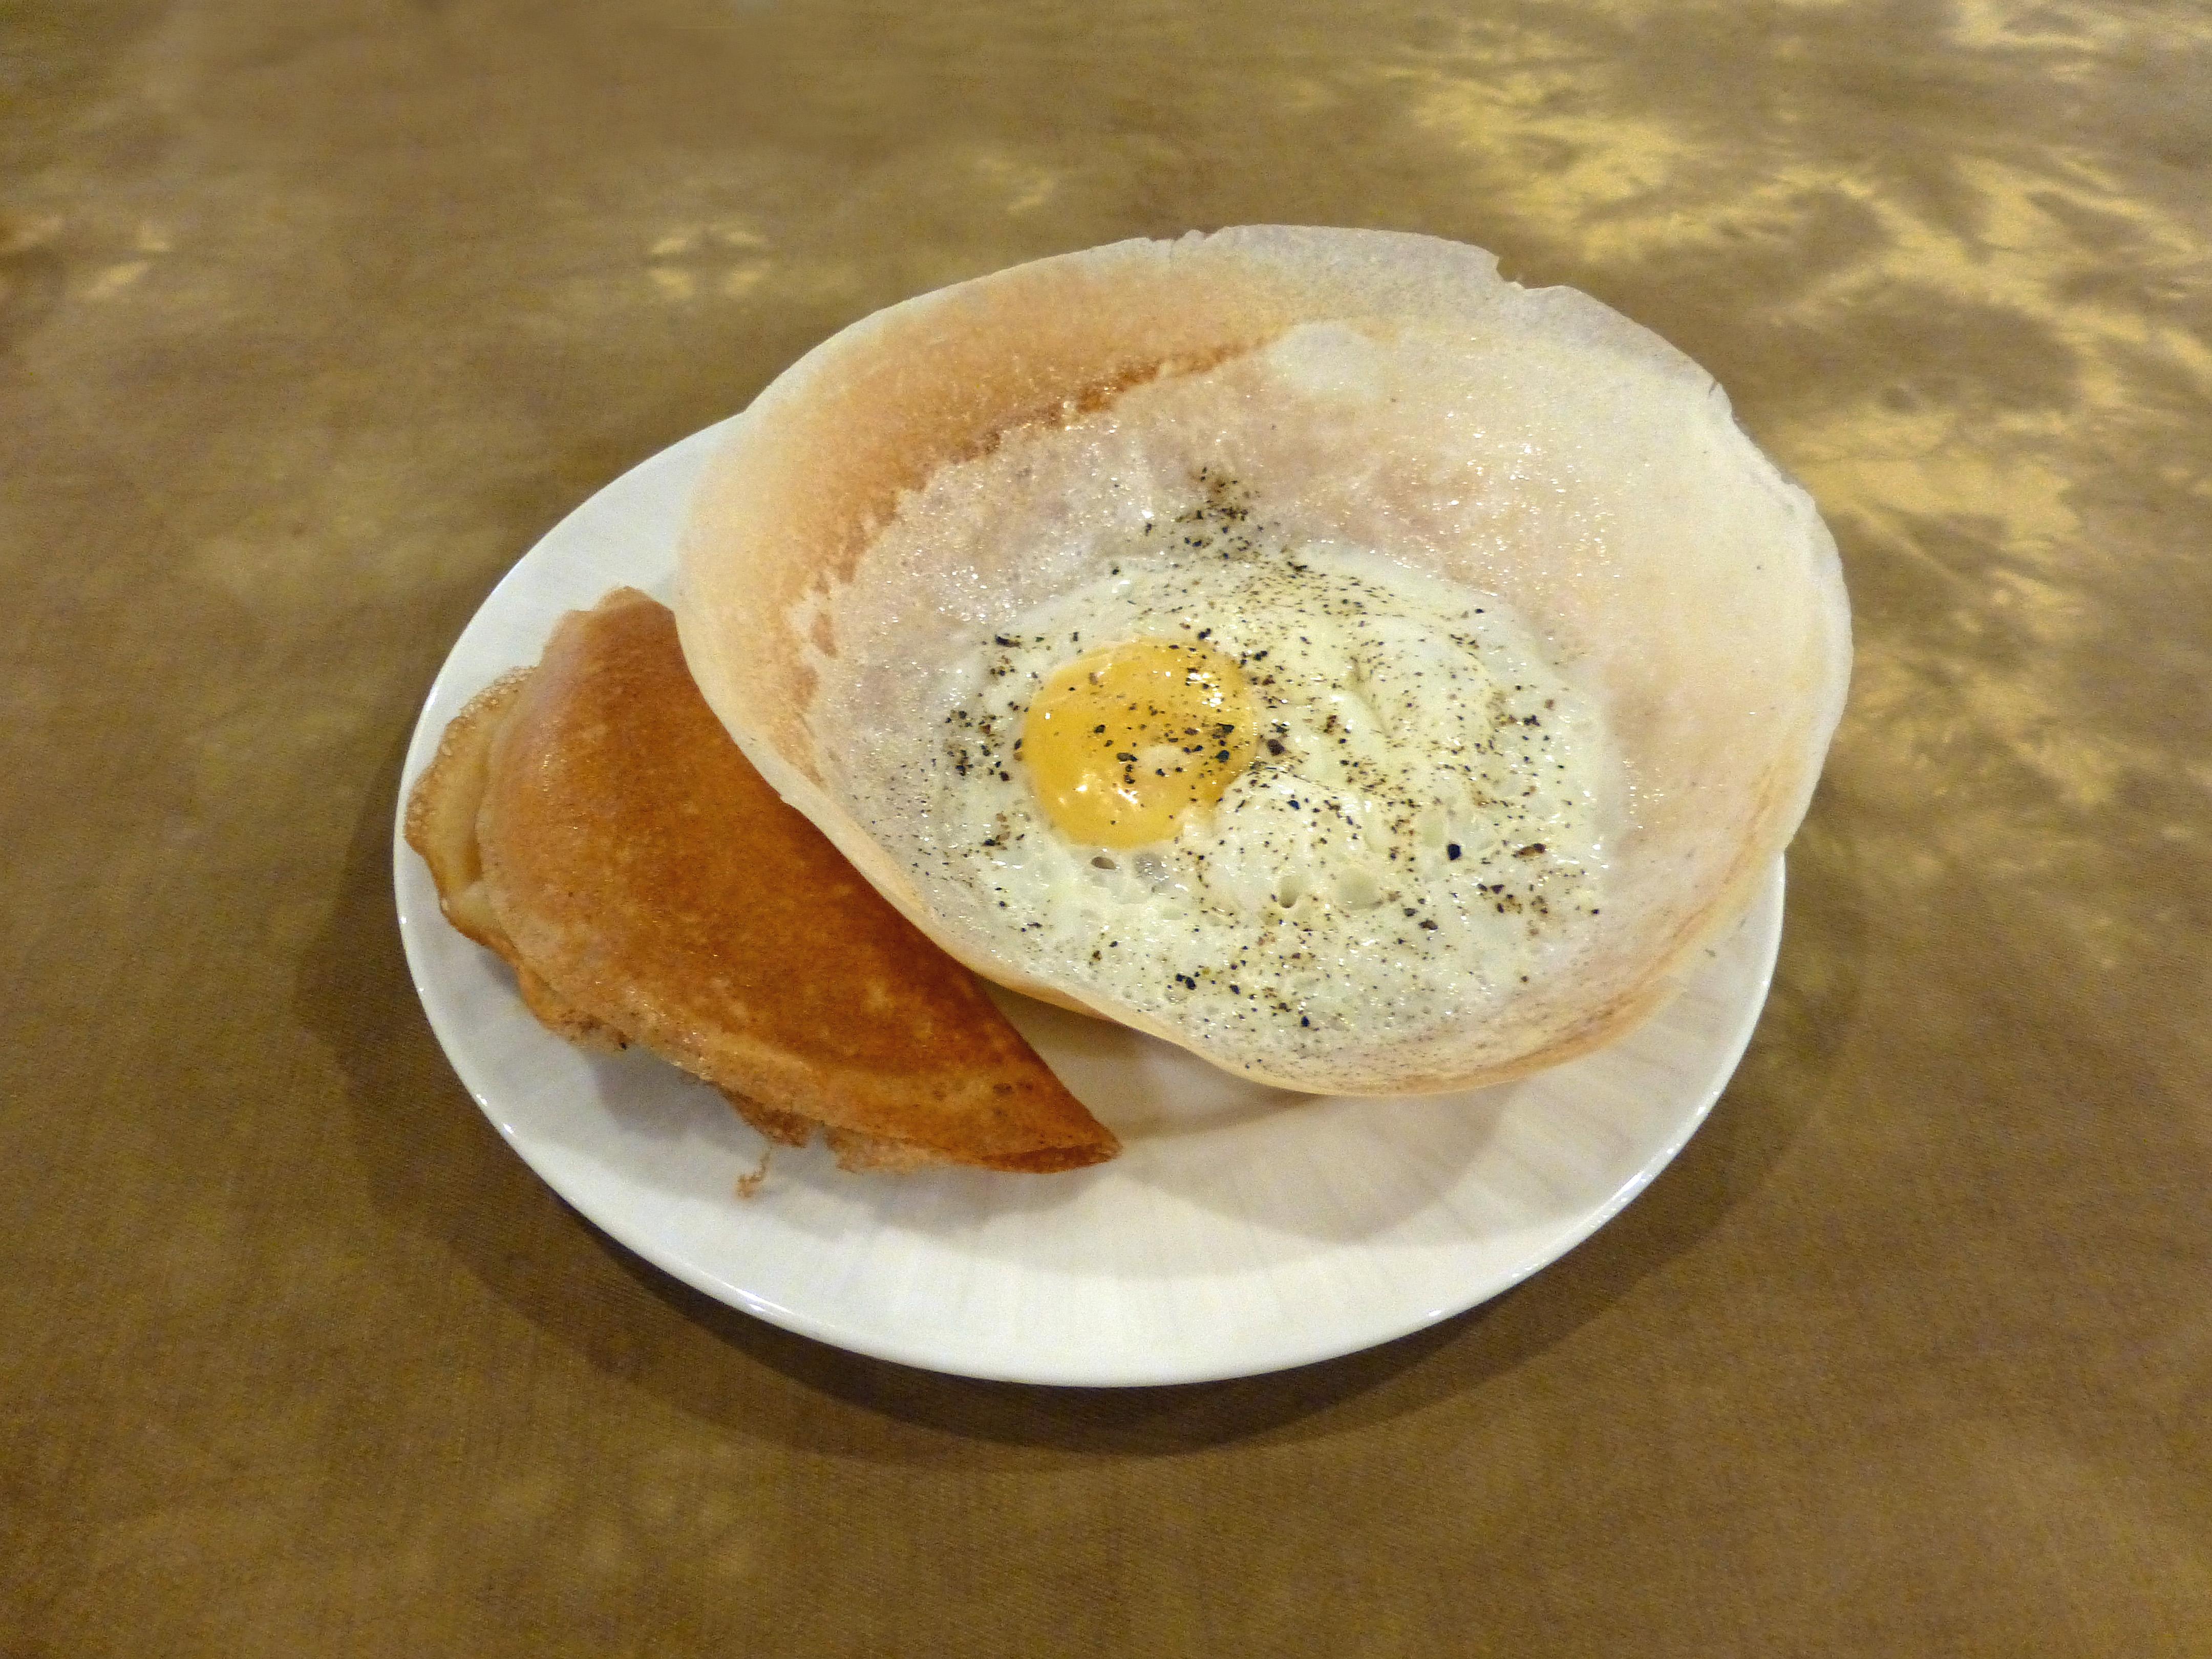 File:Sri Lanka-Egg hoppers.jpg